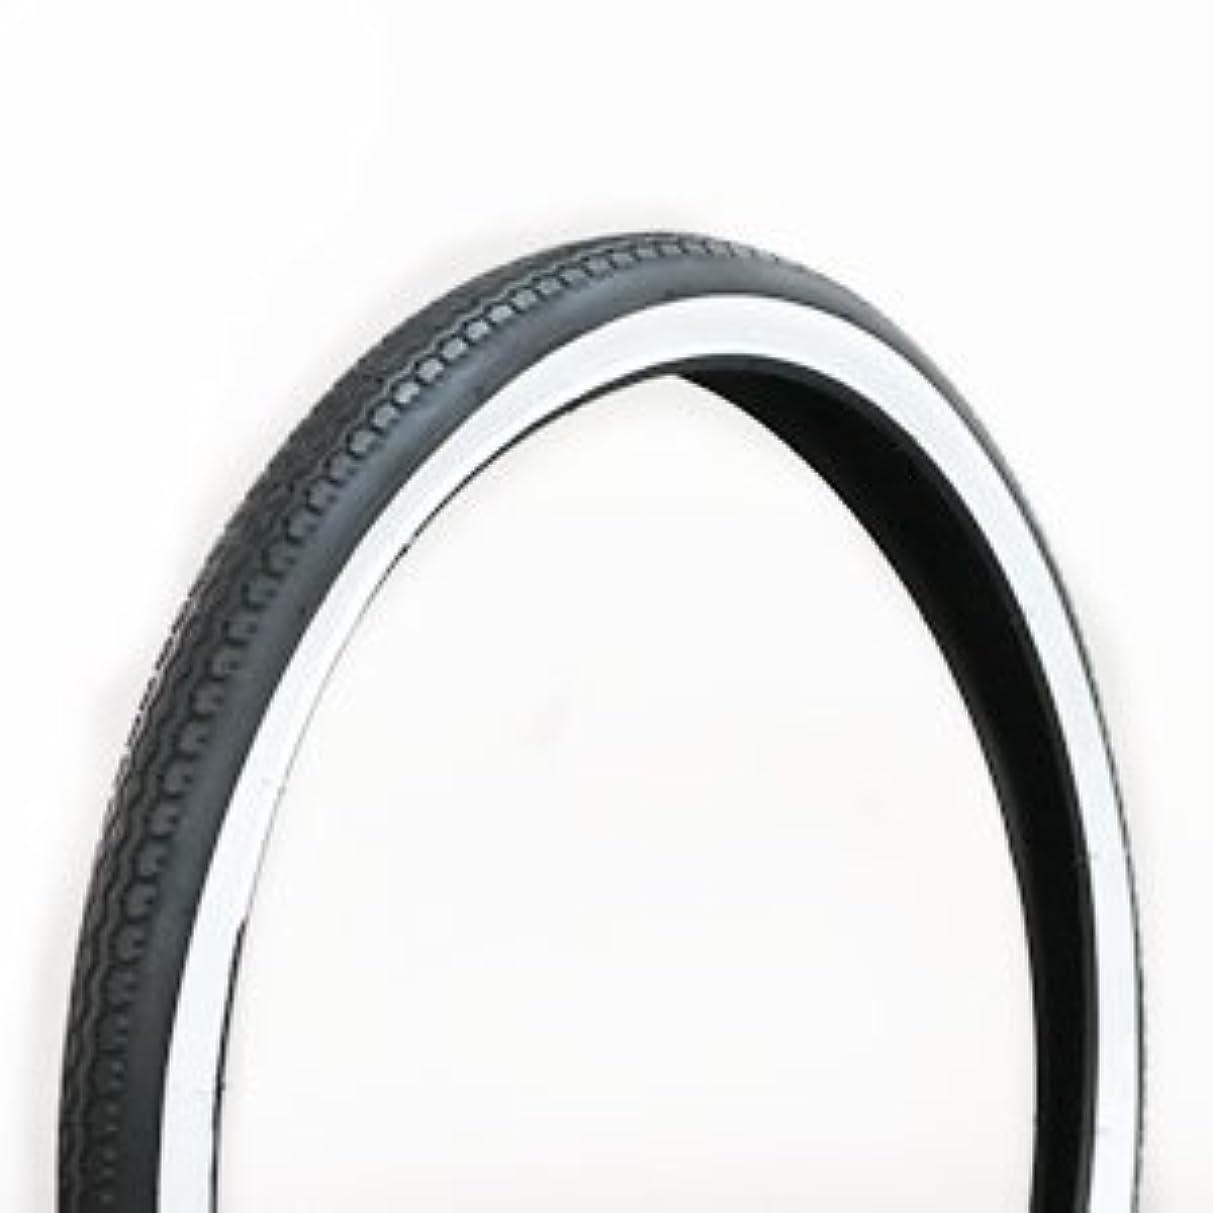 静的タイマー兵士自転車用タイヤ 白黒 24×1-3/8 W/O 1本 チューブは付属しません